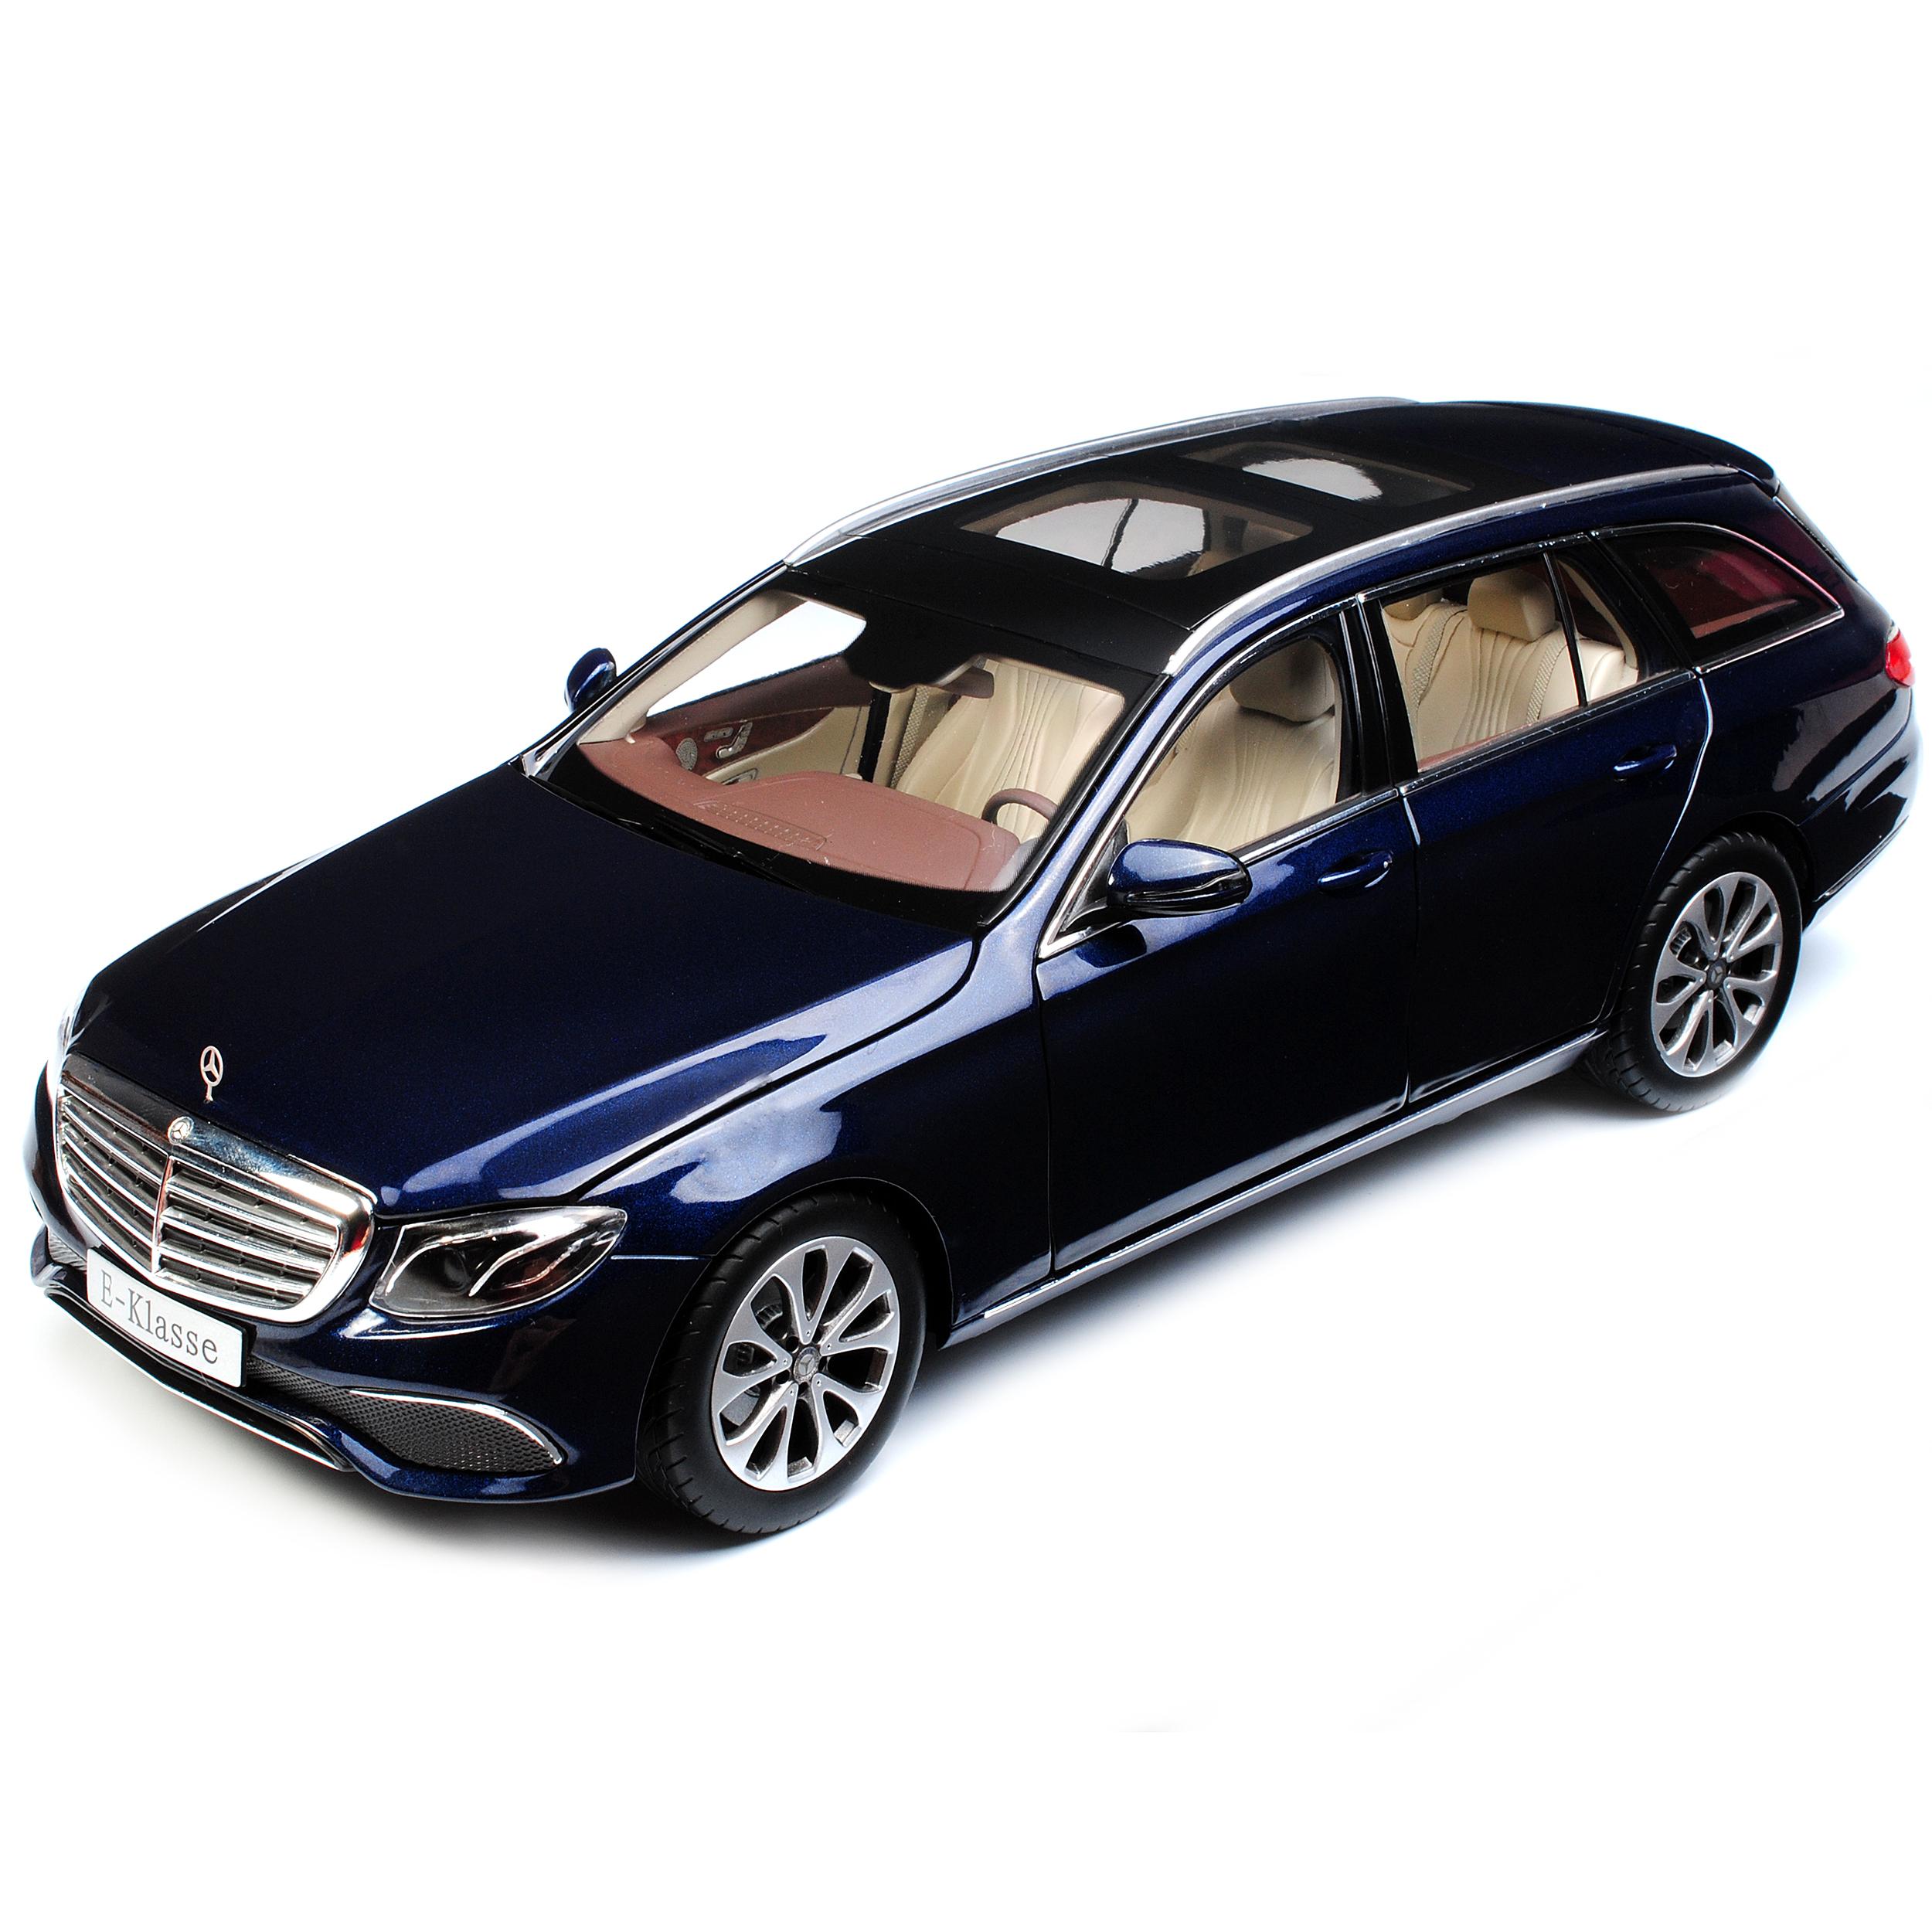 mercedes benz e klasse w213 t modell kombi cavansit blau. Black Bedroom Furniture Sets. Home Design Ideas